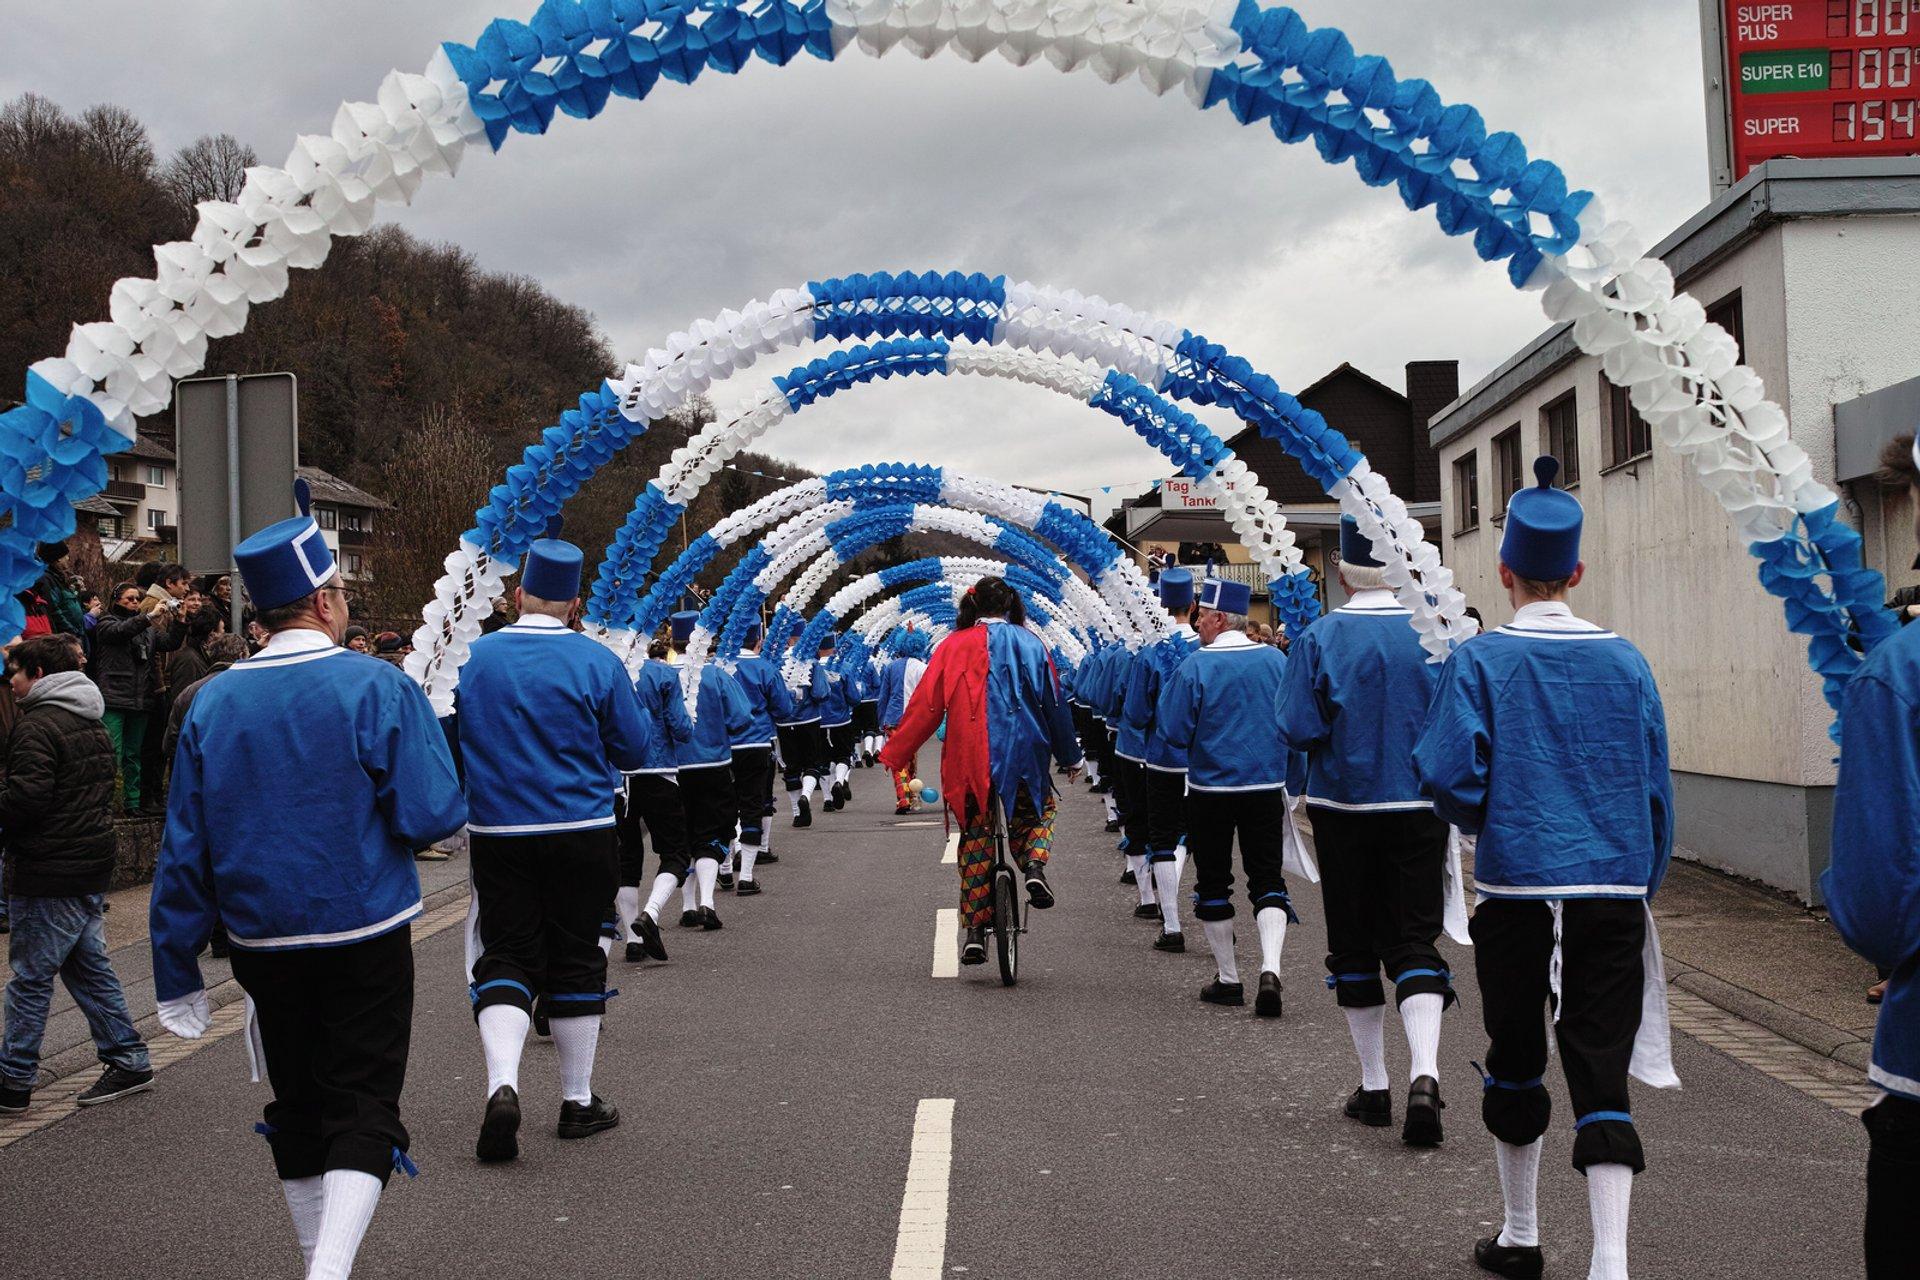 Best time for Schäfflertanz or Coopers Dance in Munich 2019